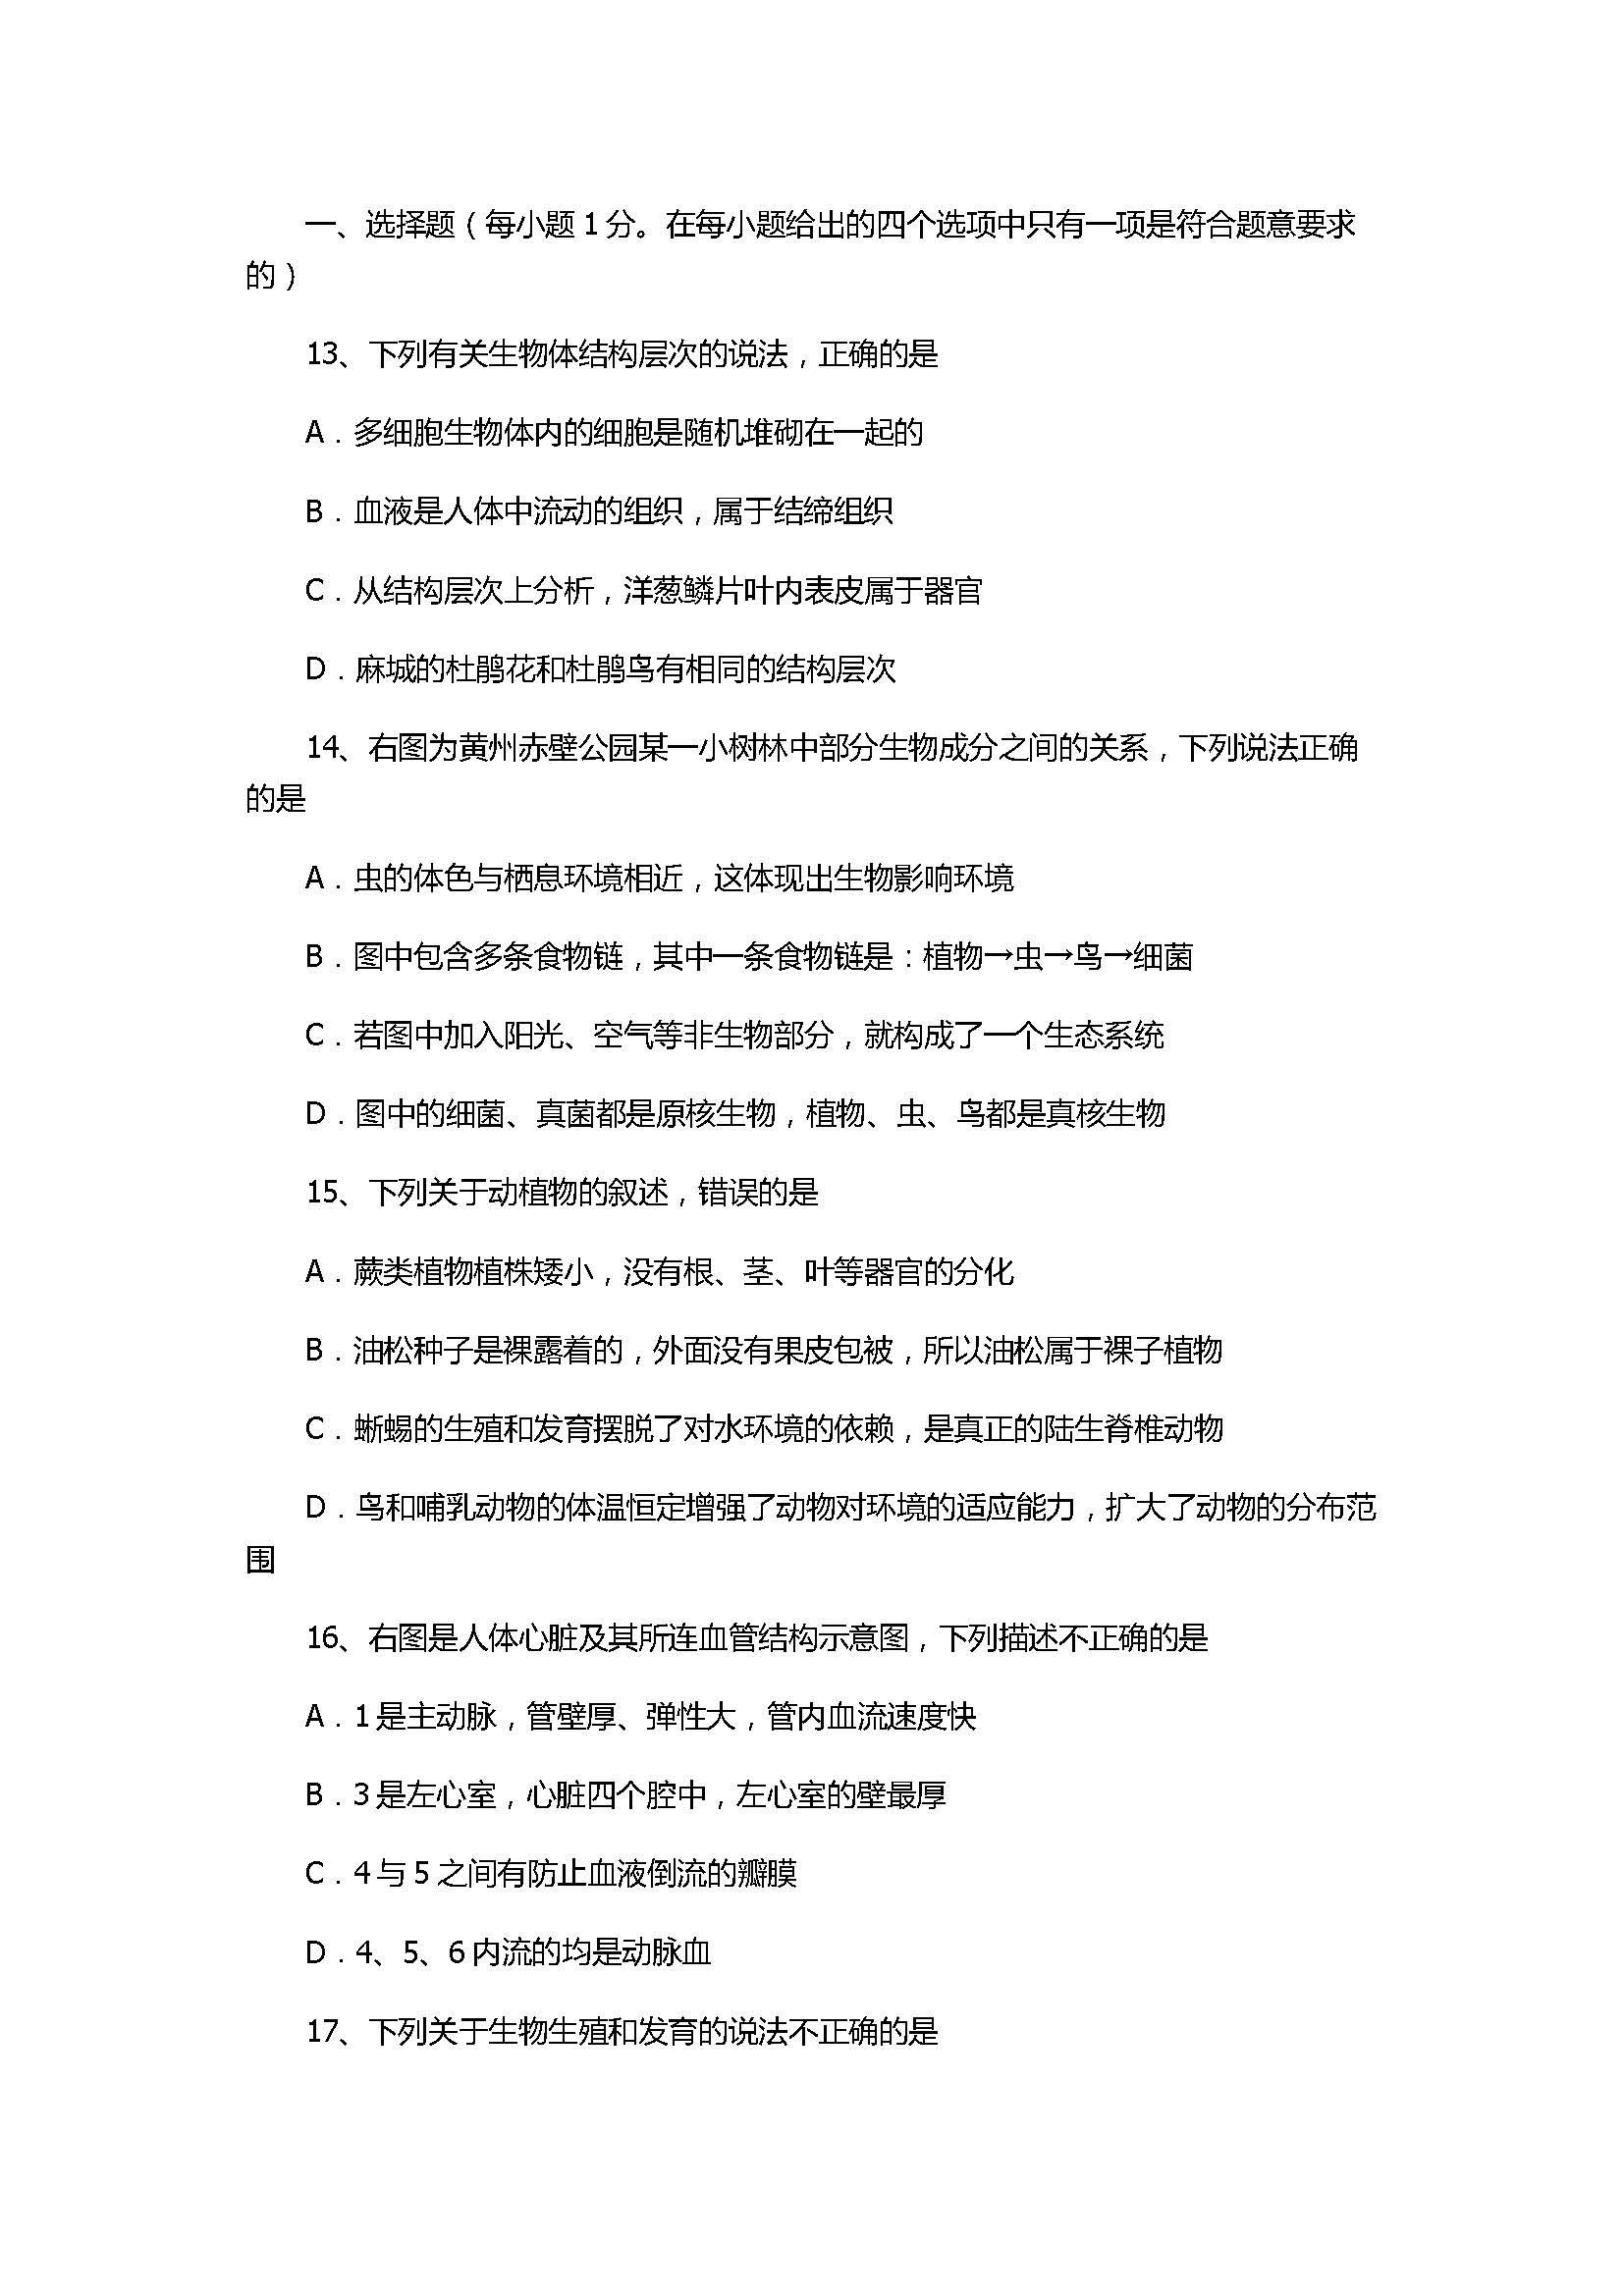 黄冈市2017八年级生物中考试卷(附参考答案)